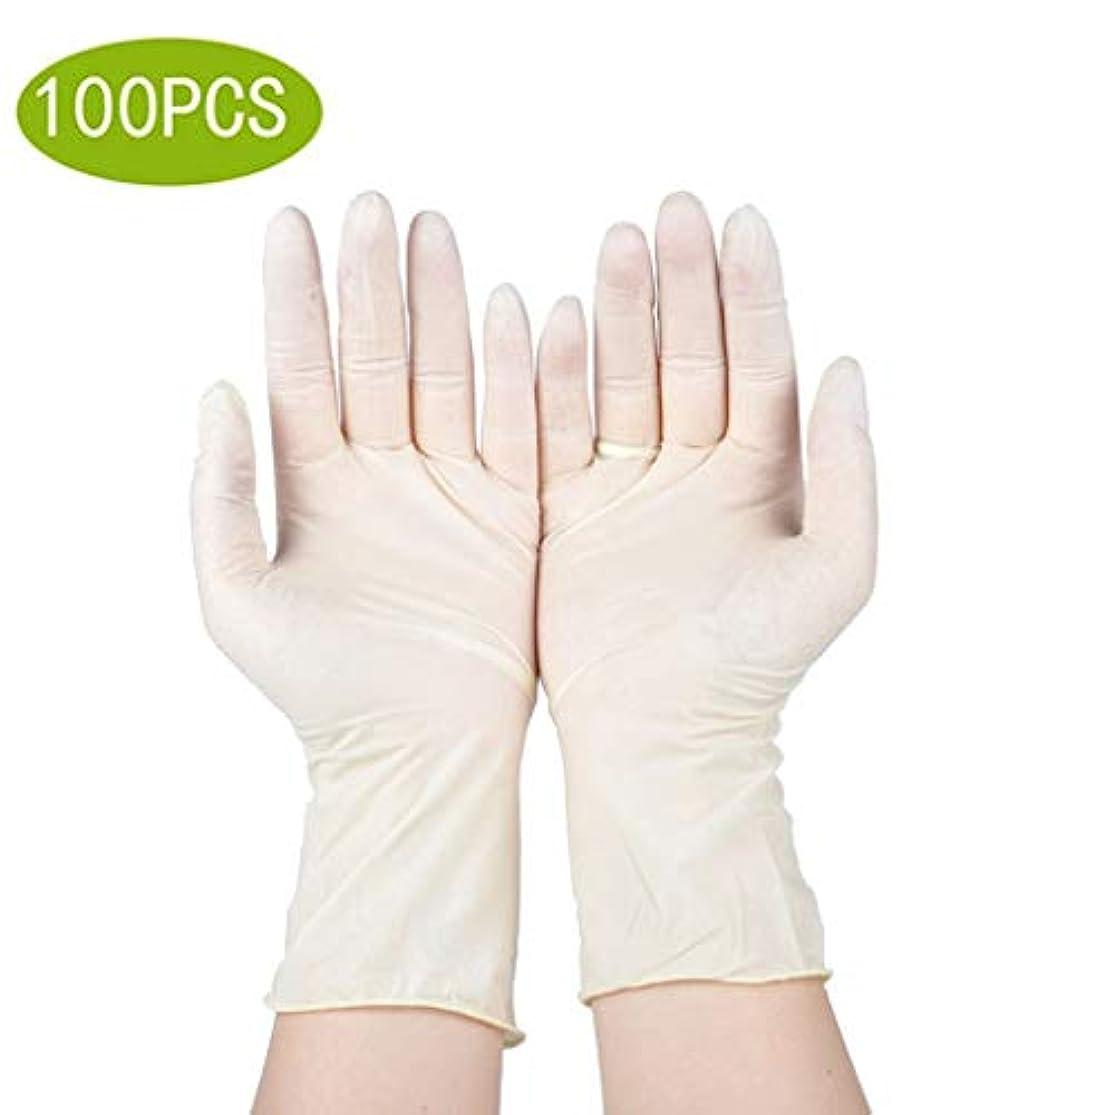 おじさんリール絶妙ニトリル手袋義務使い捨てビニール手袋、100カウント、特大 - パウダーフリー、両性、極度の快適さ、特別に強く、丈夫で伸縮性がある、医療、食品、マルチユース (Color : Latex Gloves, Size : M)